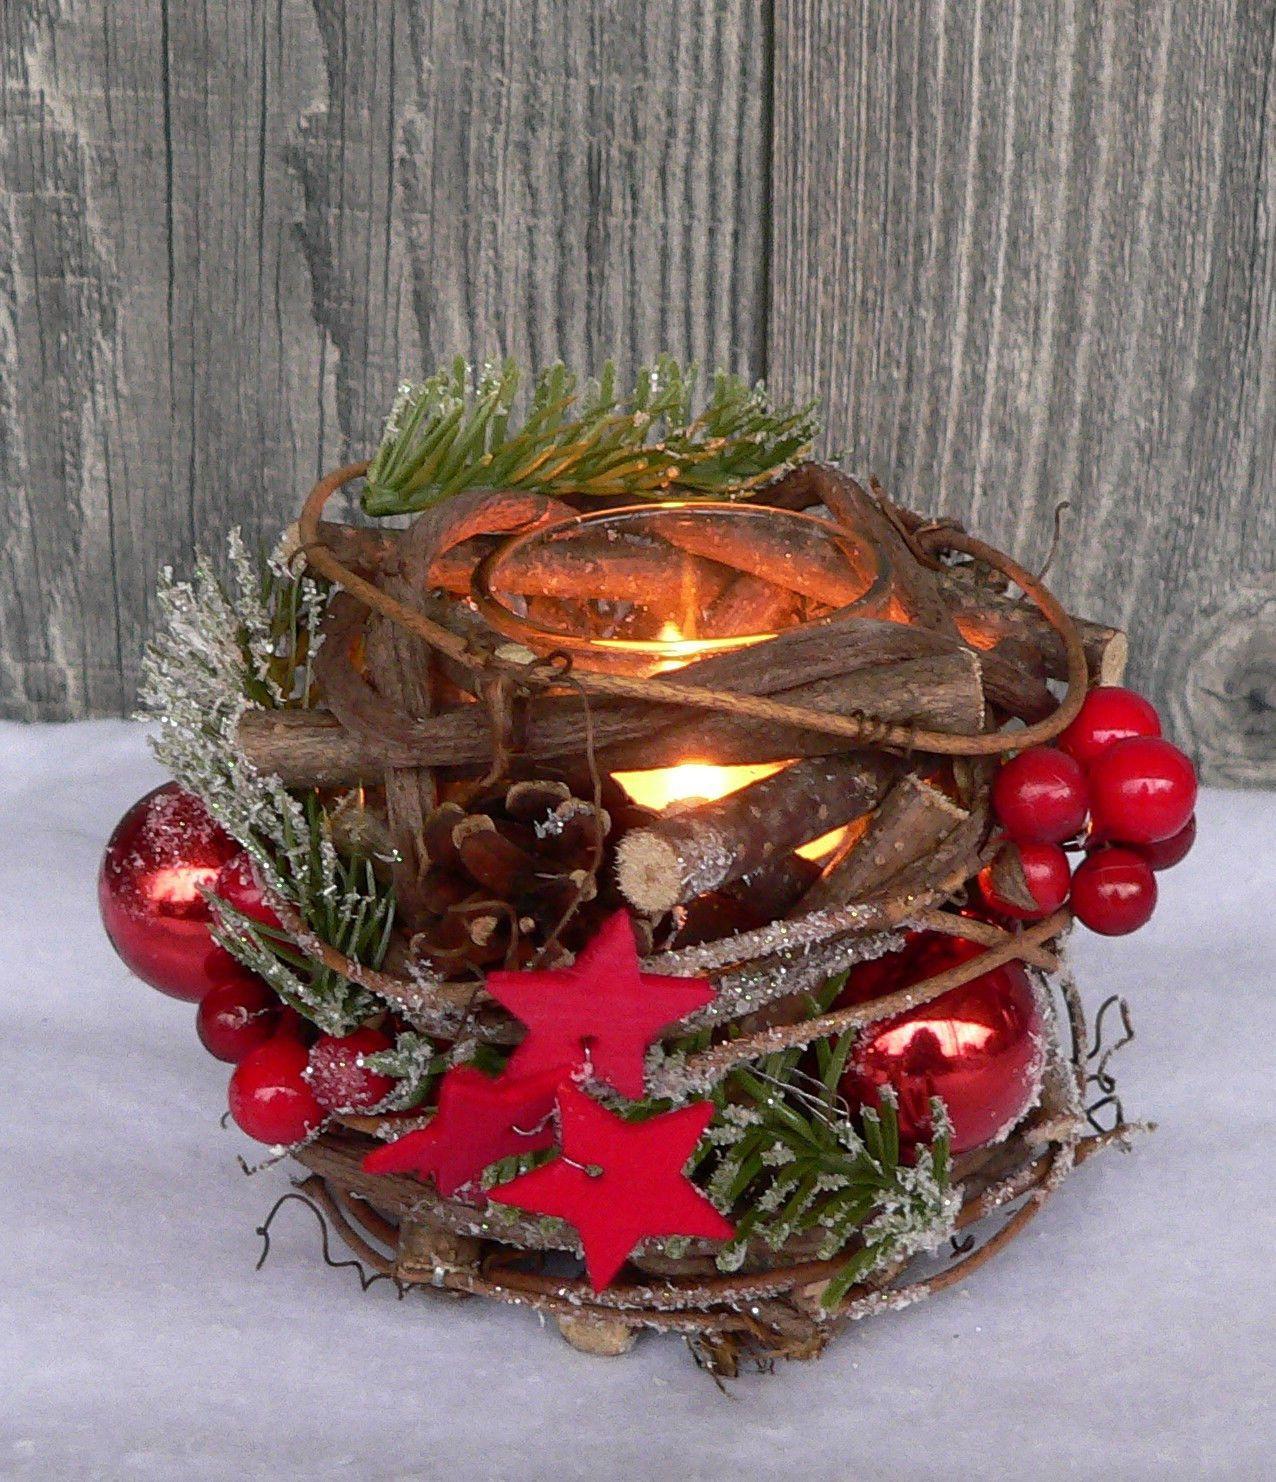 Holzkranz tischdeko windlicht advent adventskranz weihnachten holz glas rot gr n weihnachts - Holzkranz dekorieren ...